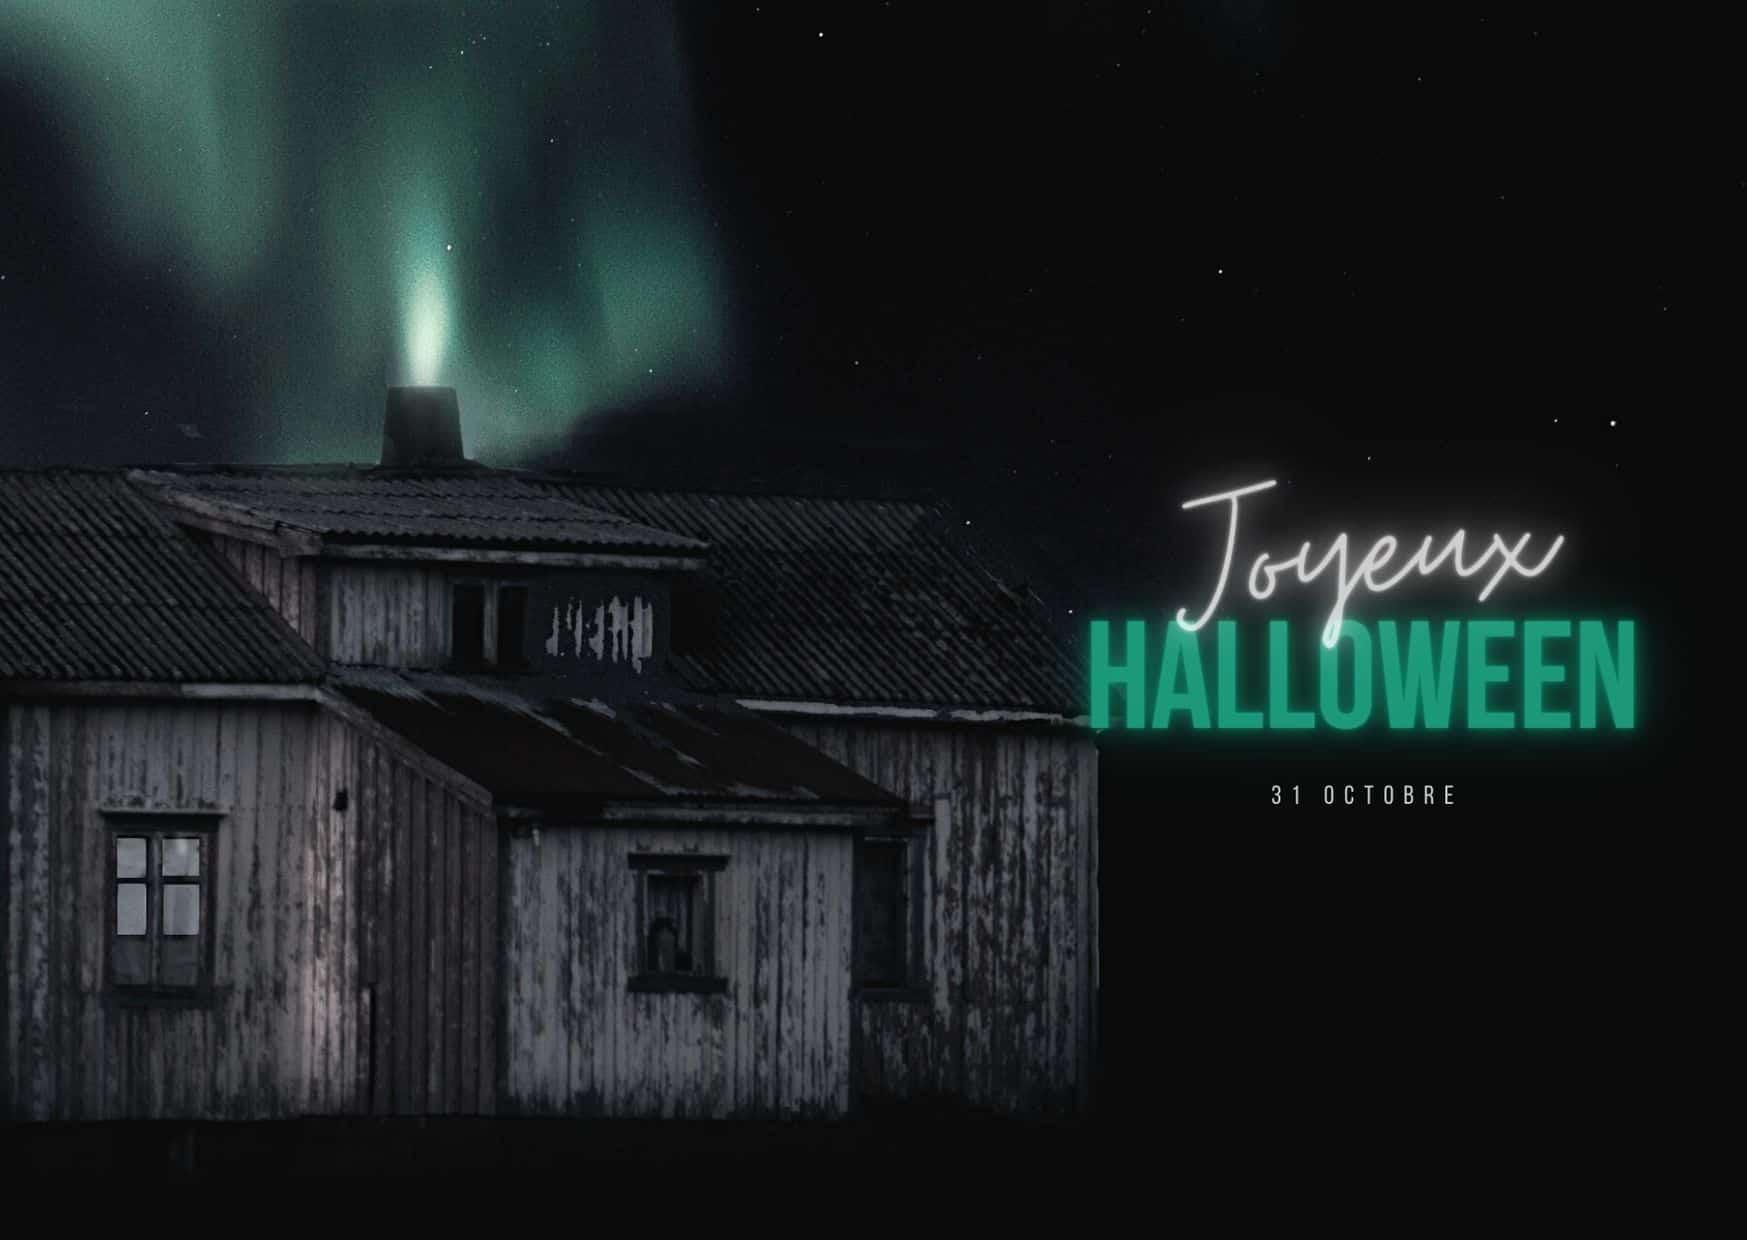 31 octobre joyeux halloween